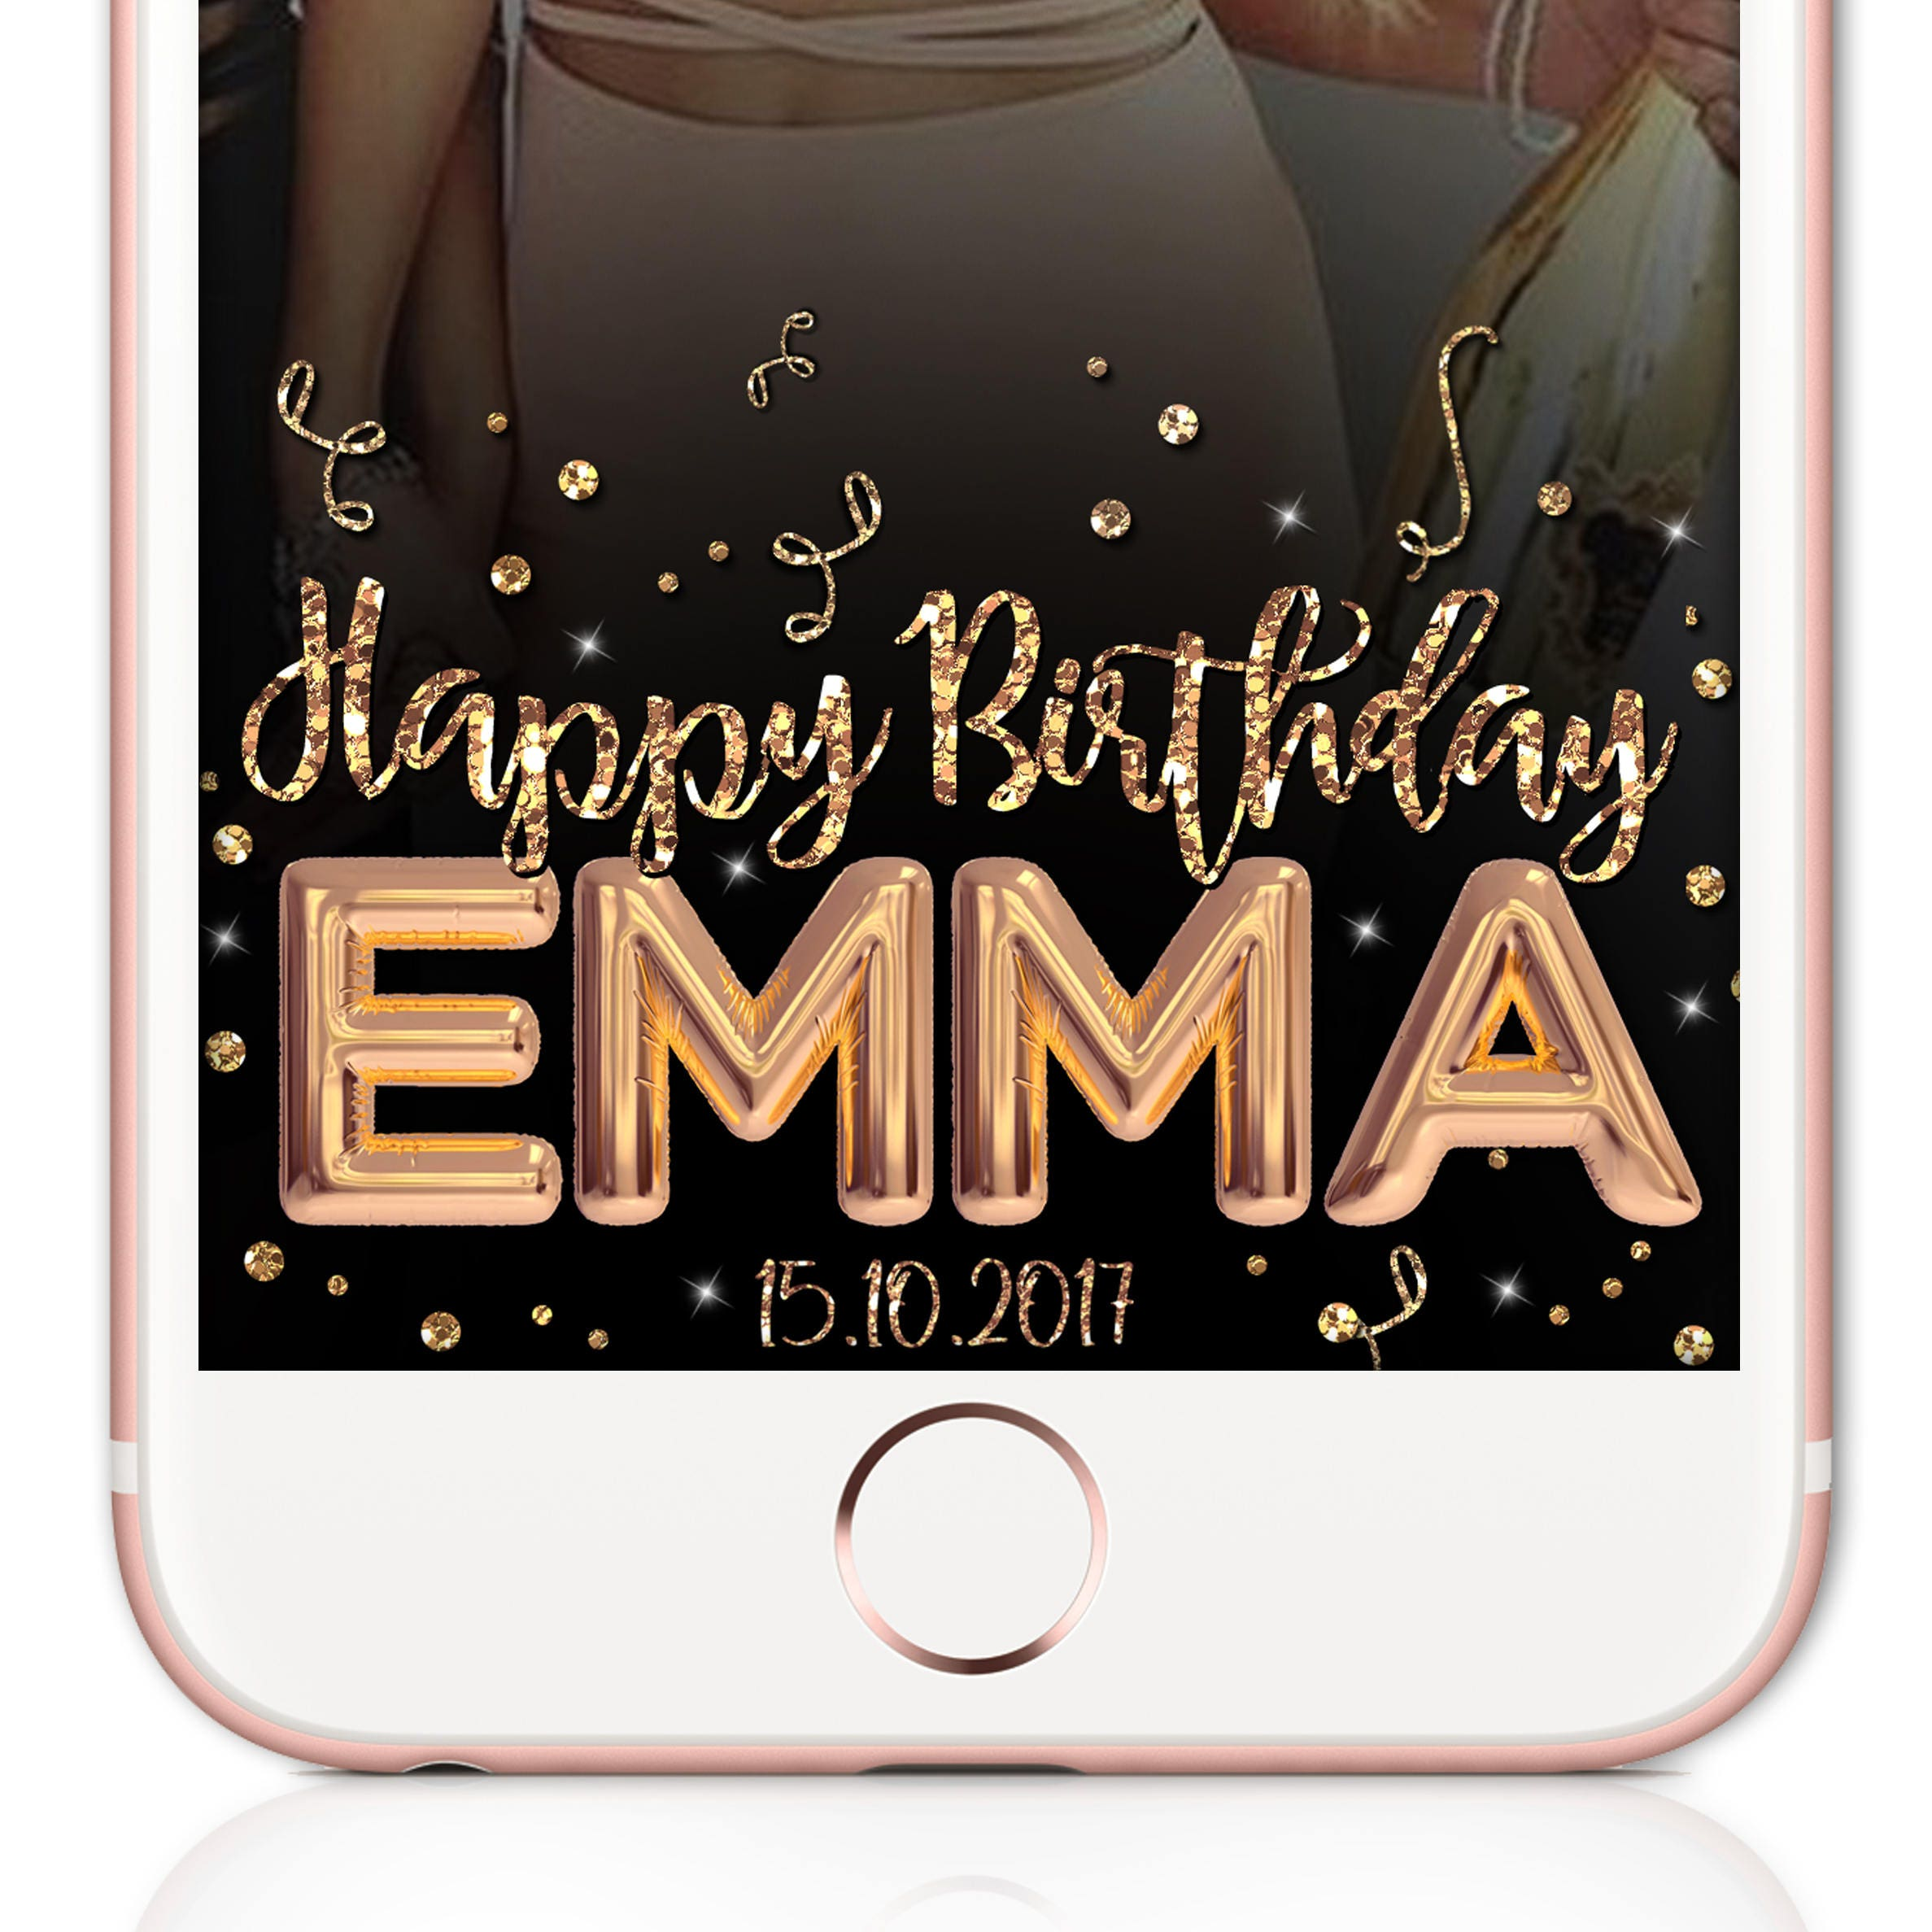 birthday snapchat filter Snapchat Filter Birthday Snapchat Geofilter Birthday | Etsy birthday snapchat filter